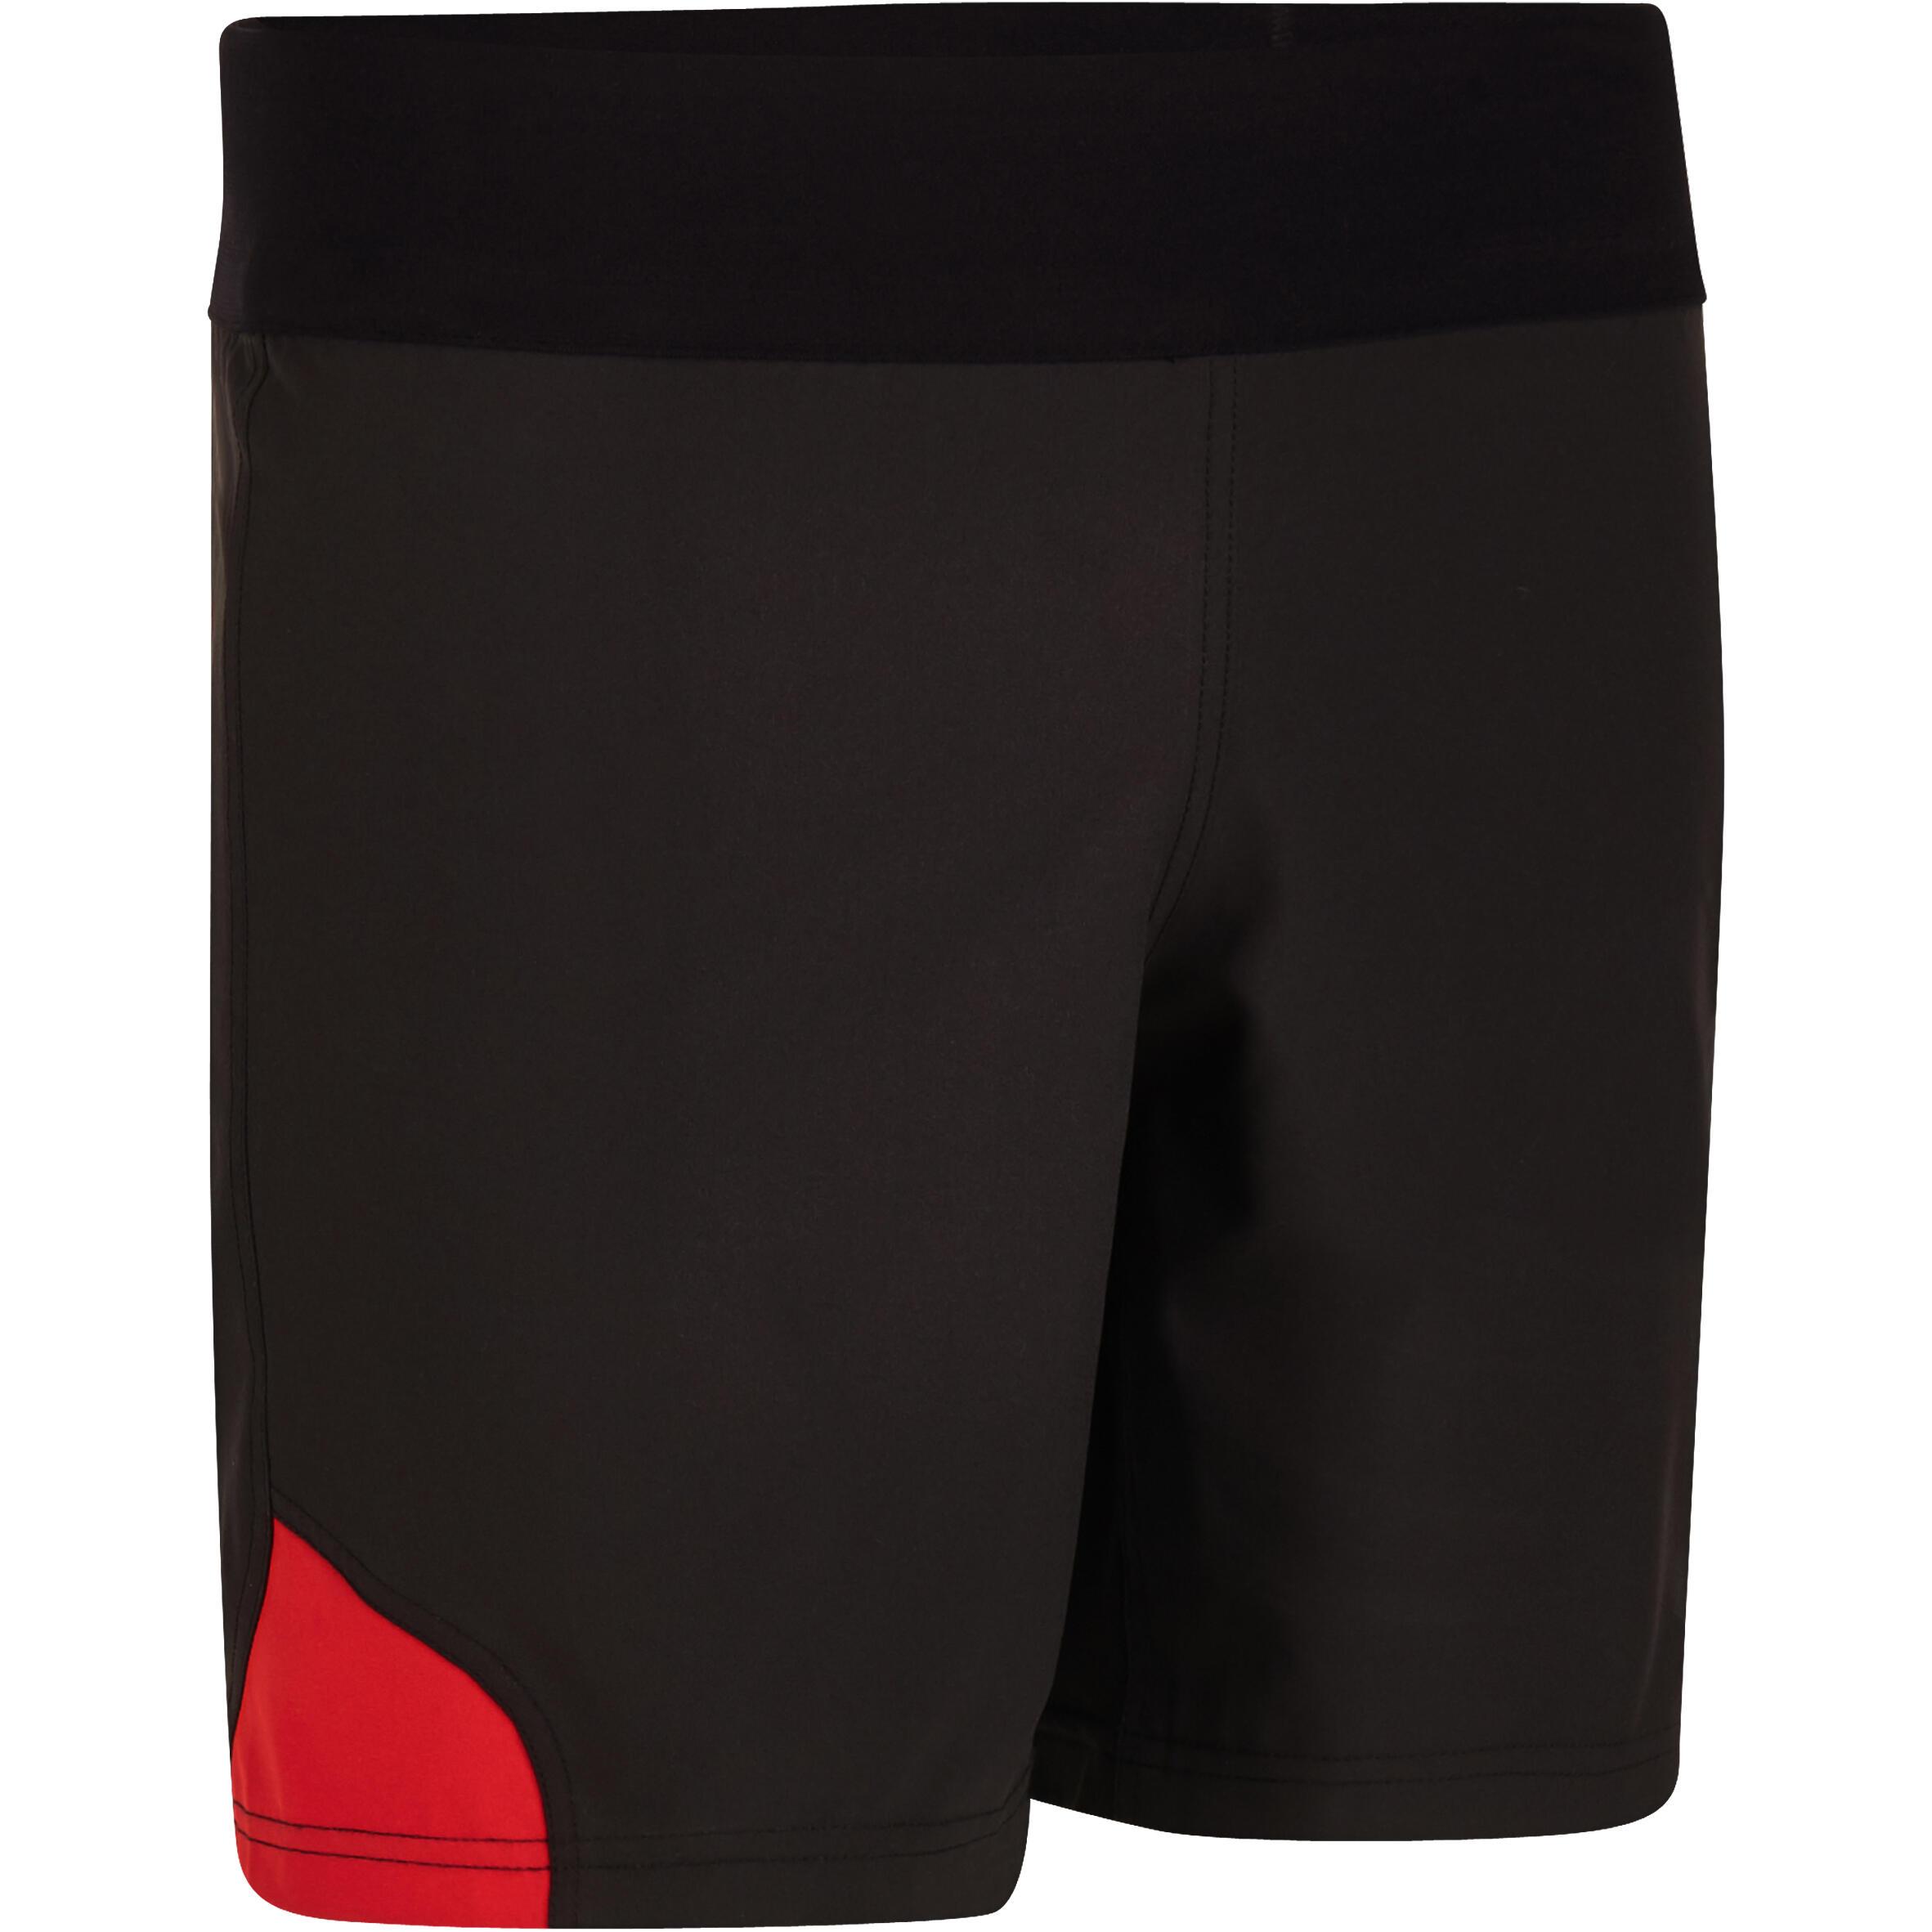 Rugbyshorts R500 Herren schwarz/rot | Sportbekleidung > Sporthosen > Sportshorts | Schwarz - Rot | Offload